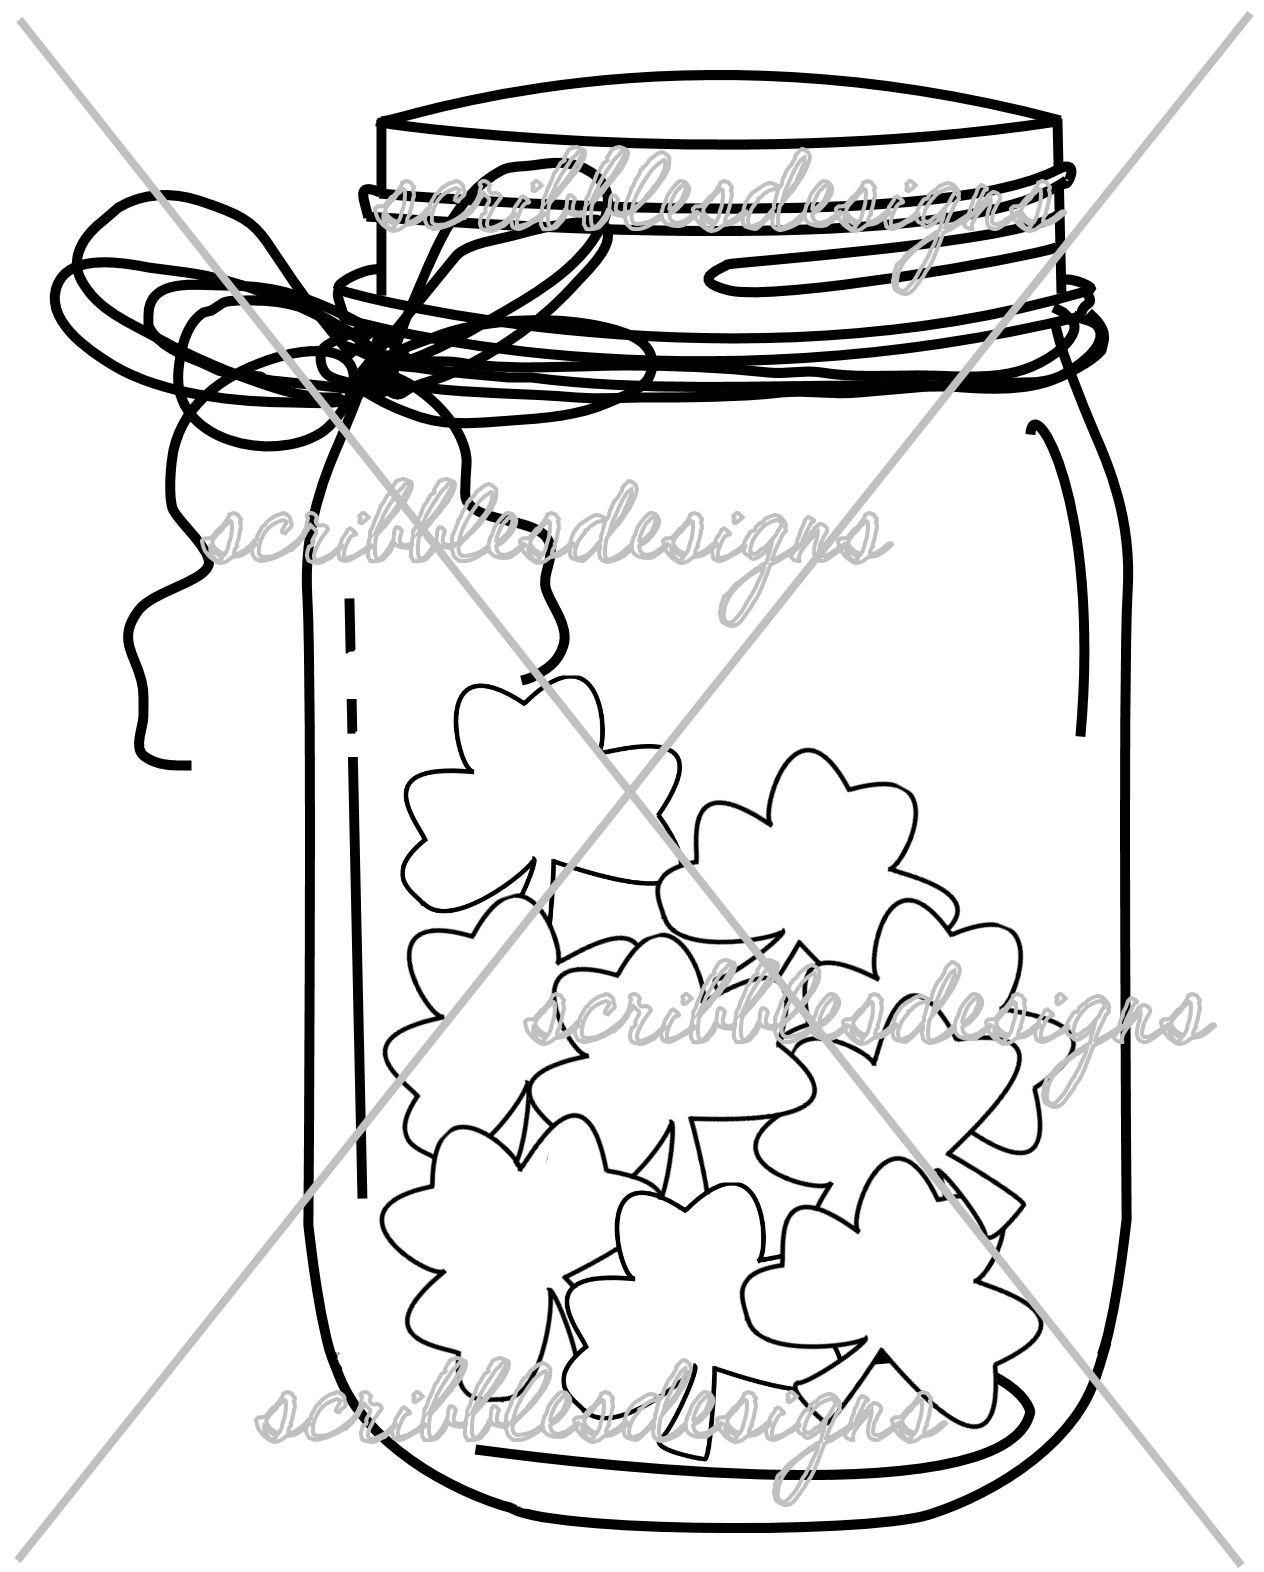 http://buyscribblesdesigns.blogspot.com/2015/03/891-shamrock-mason-jar-300.html